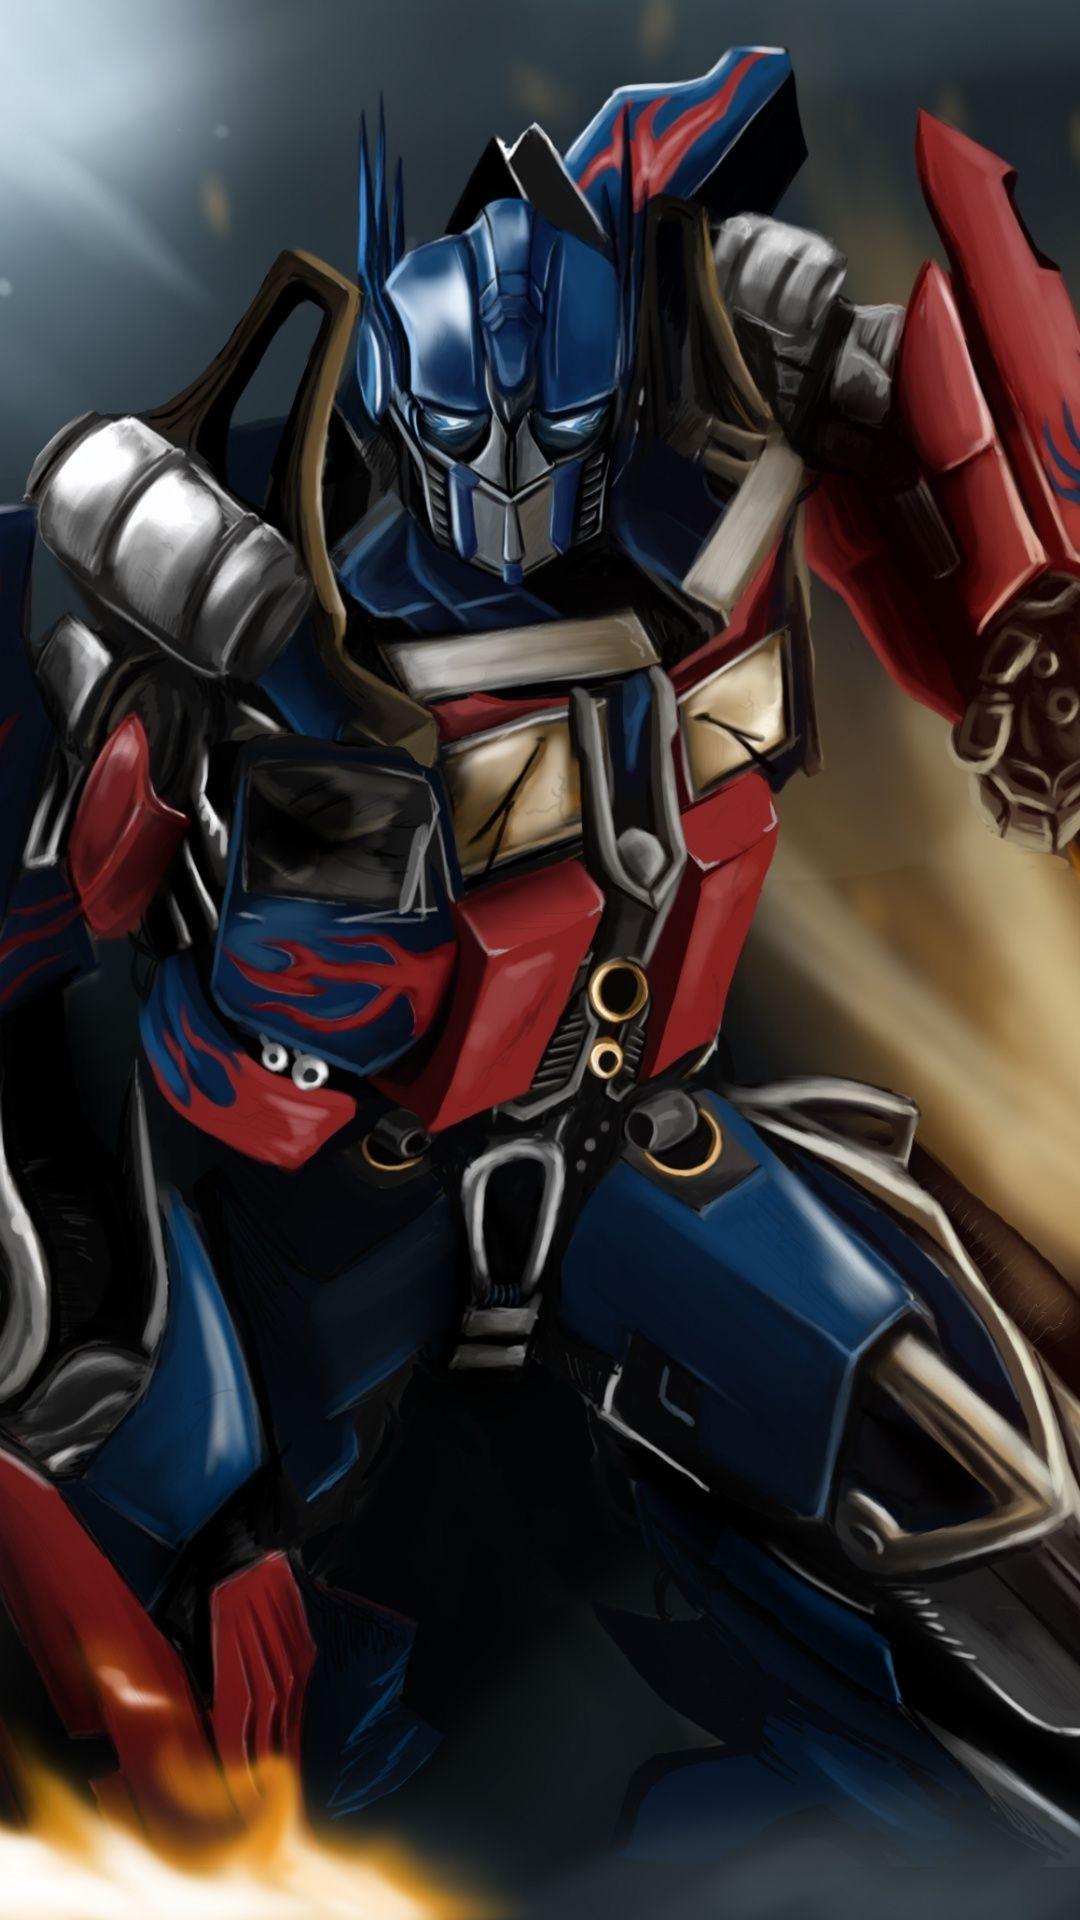 Optimus Prime Revamp Transformers Movie Artwork 1080x1920 Wallpaper Optimus Prime Wallpaper Transformers Optimus Prime Wallpaper Transformers